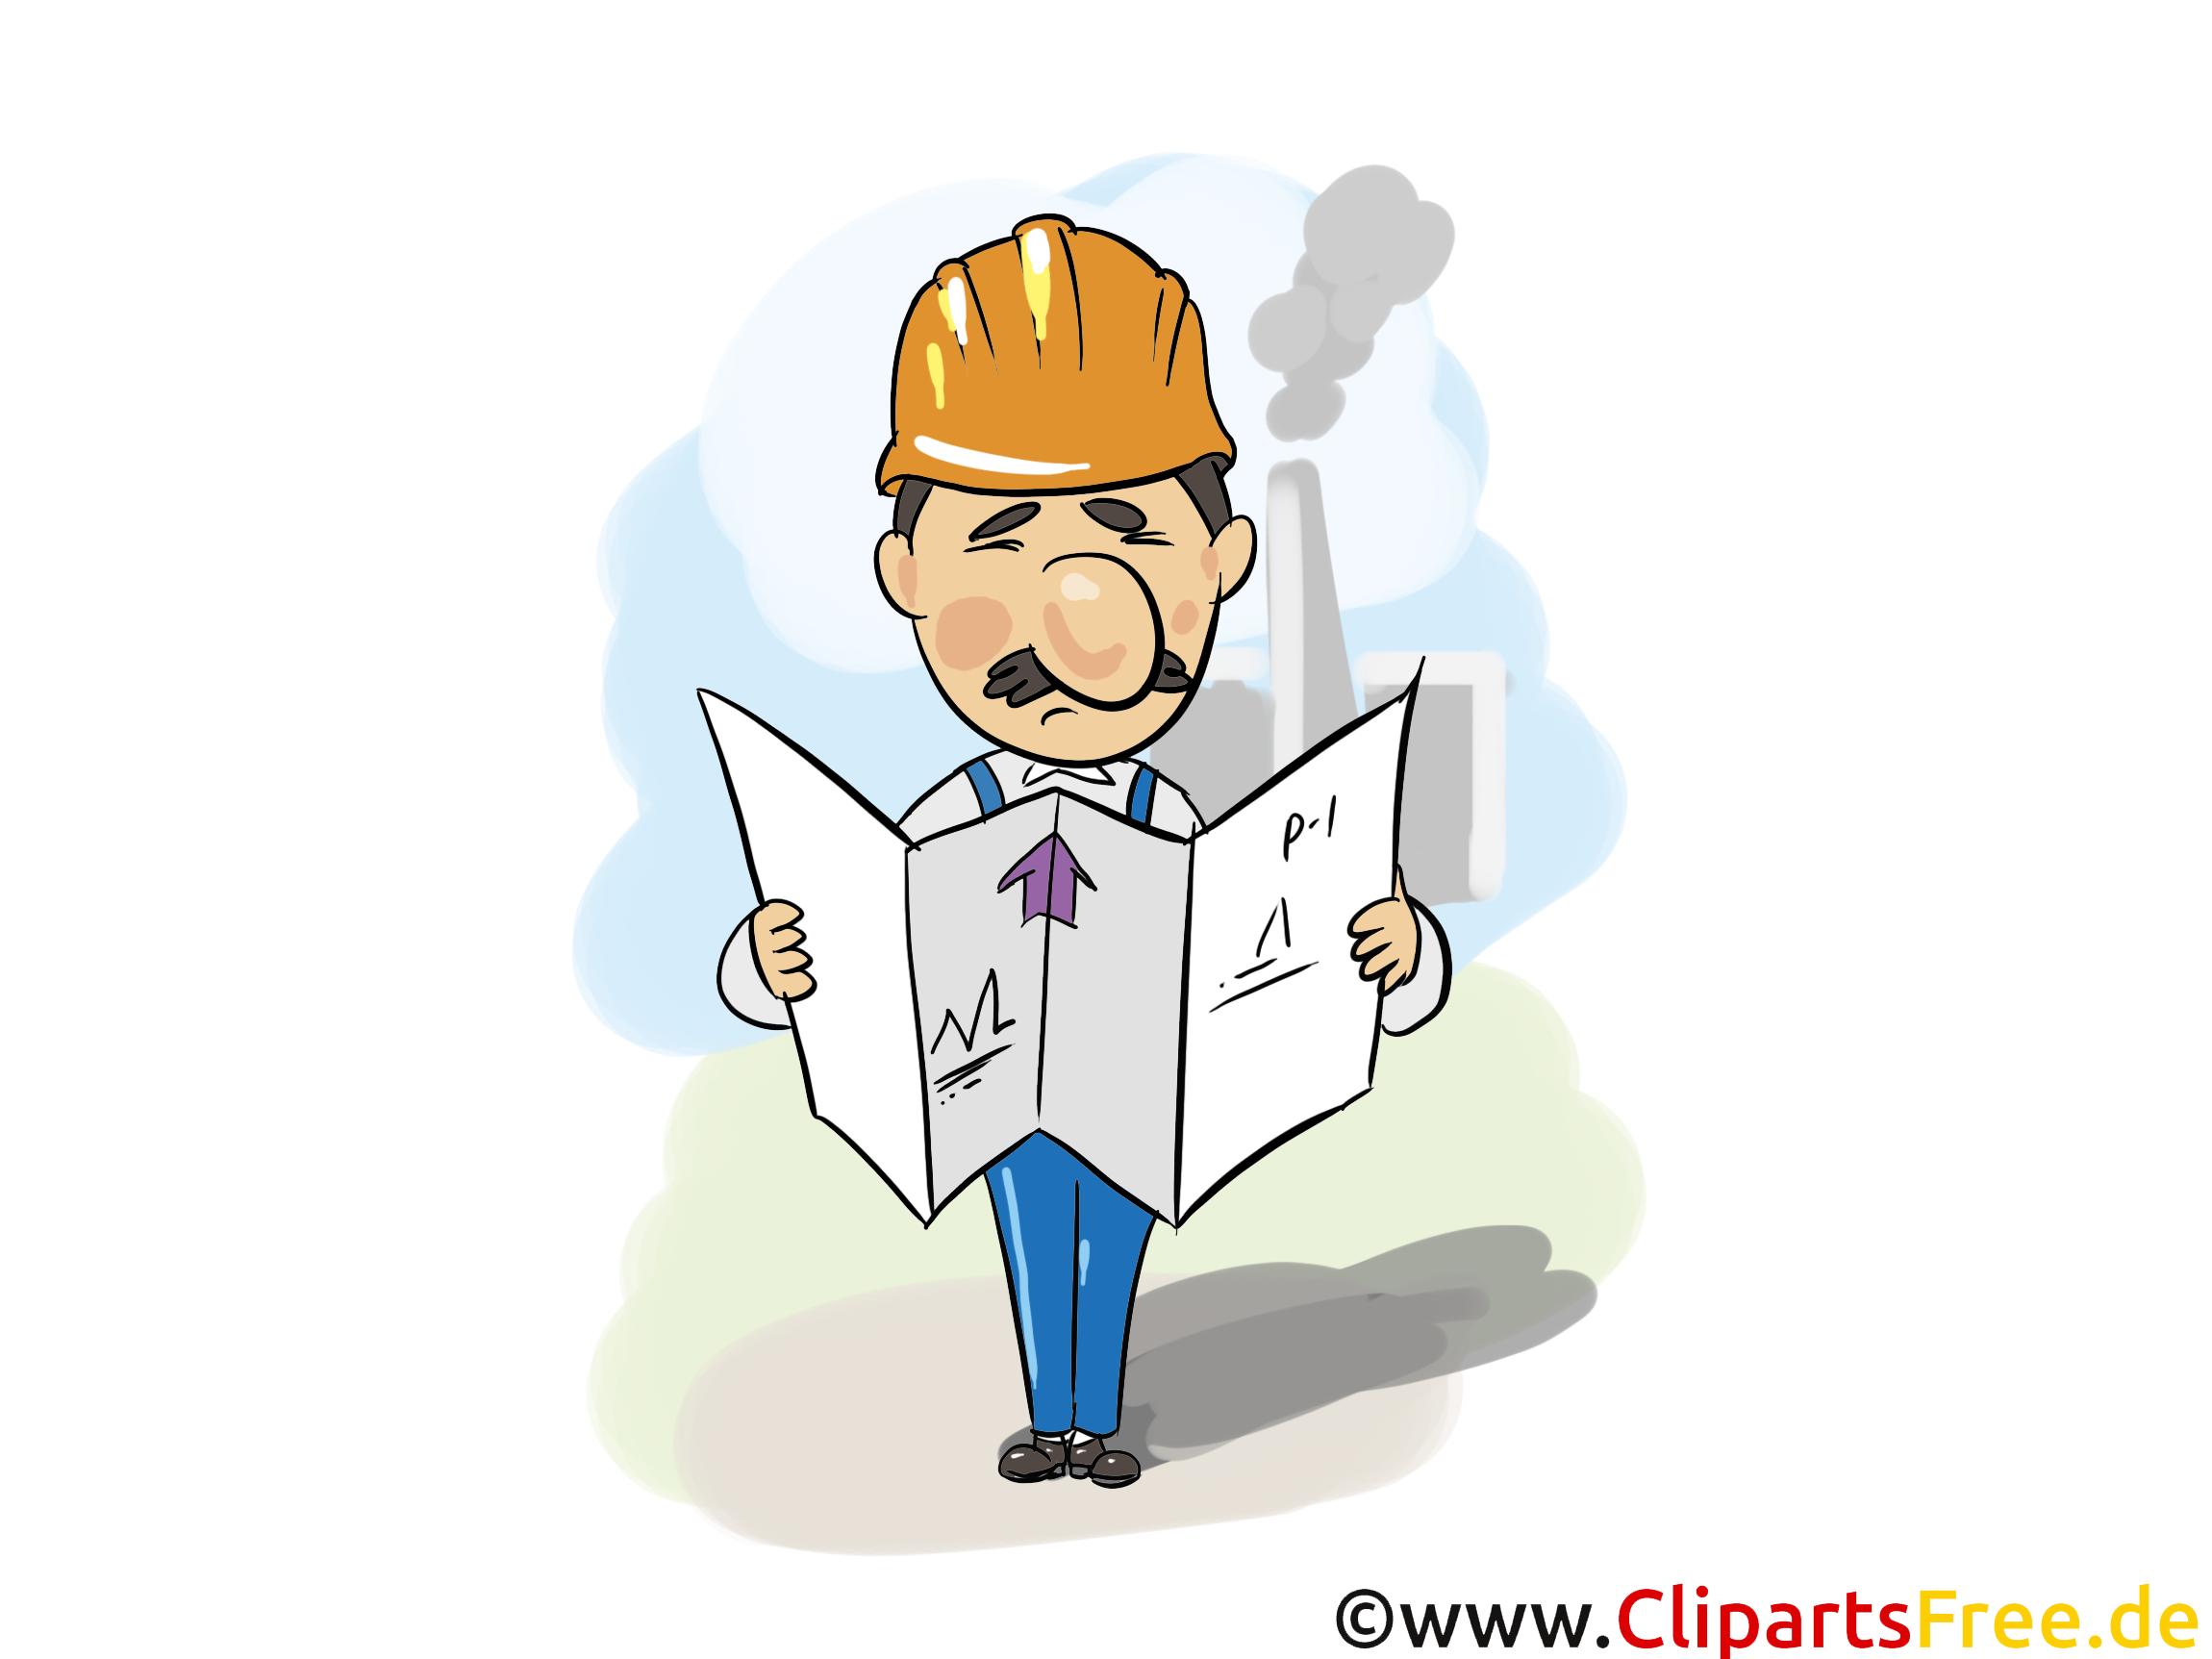 Bauingenieur Bild - Industrie Bilder, Wirtschaft Illustrationen, Grafiken, Cliparts